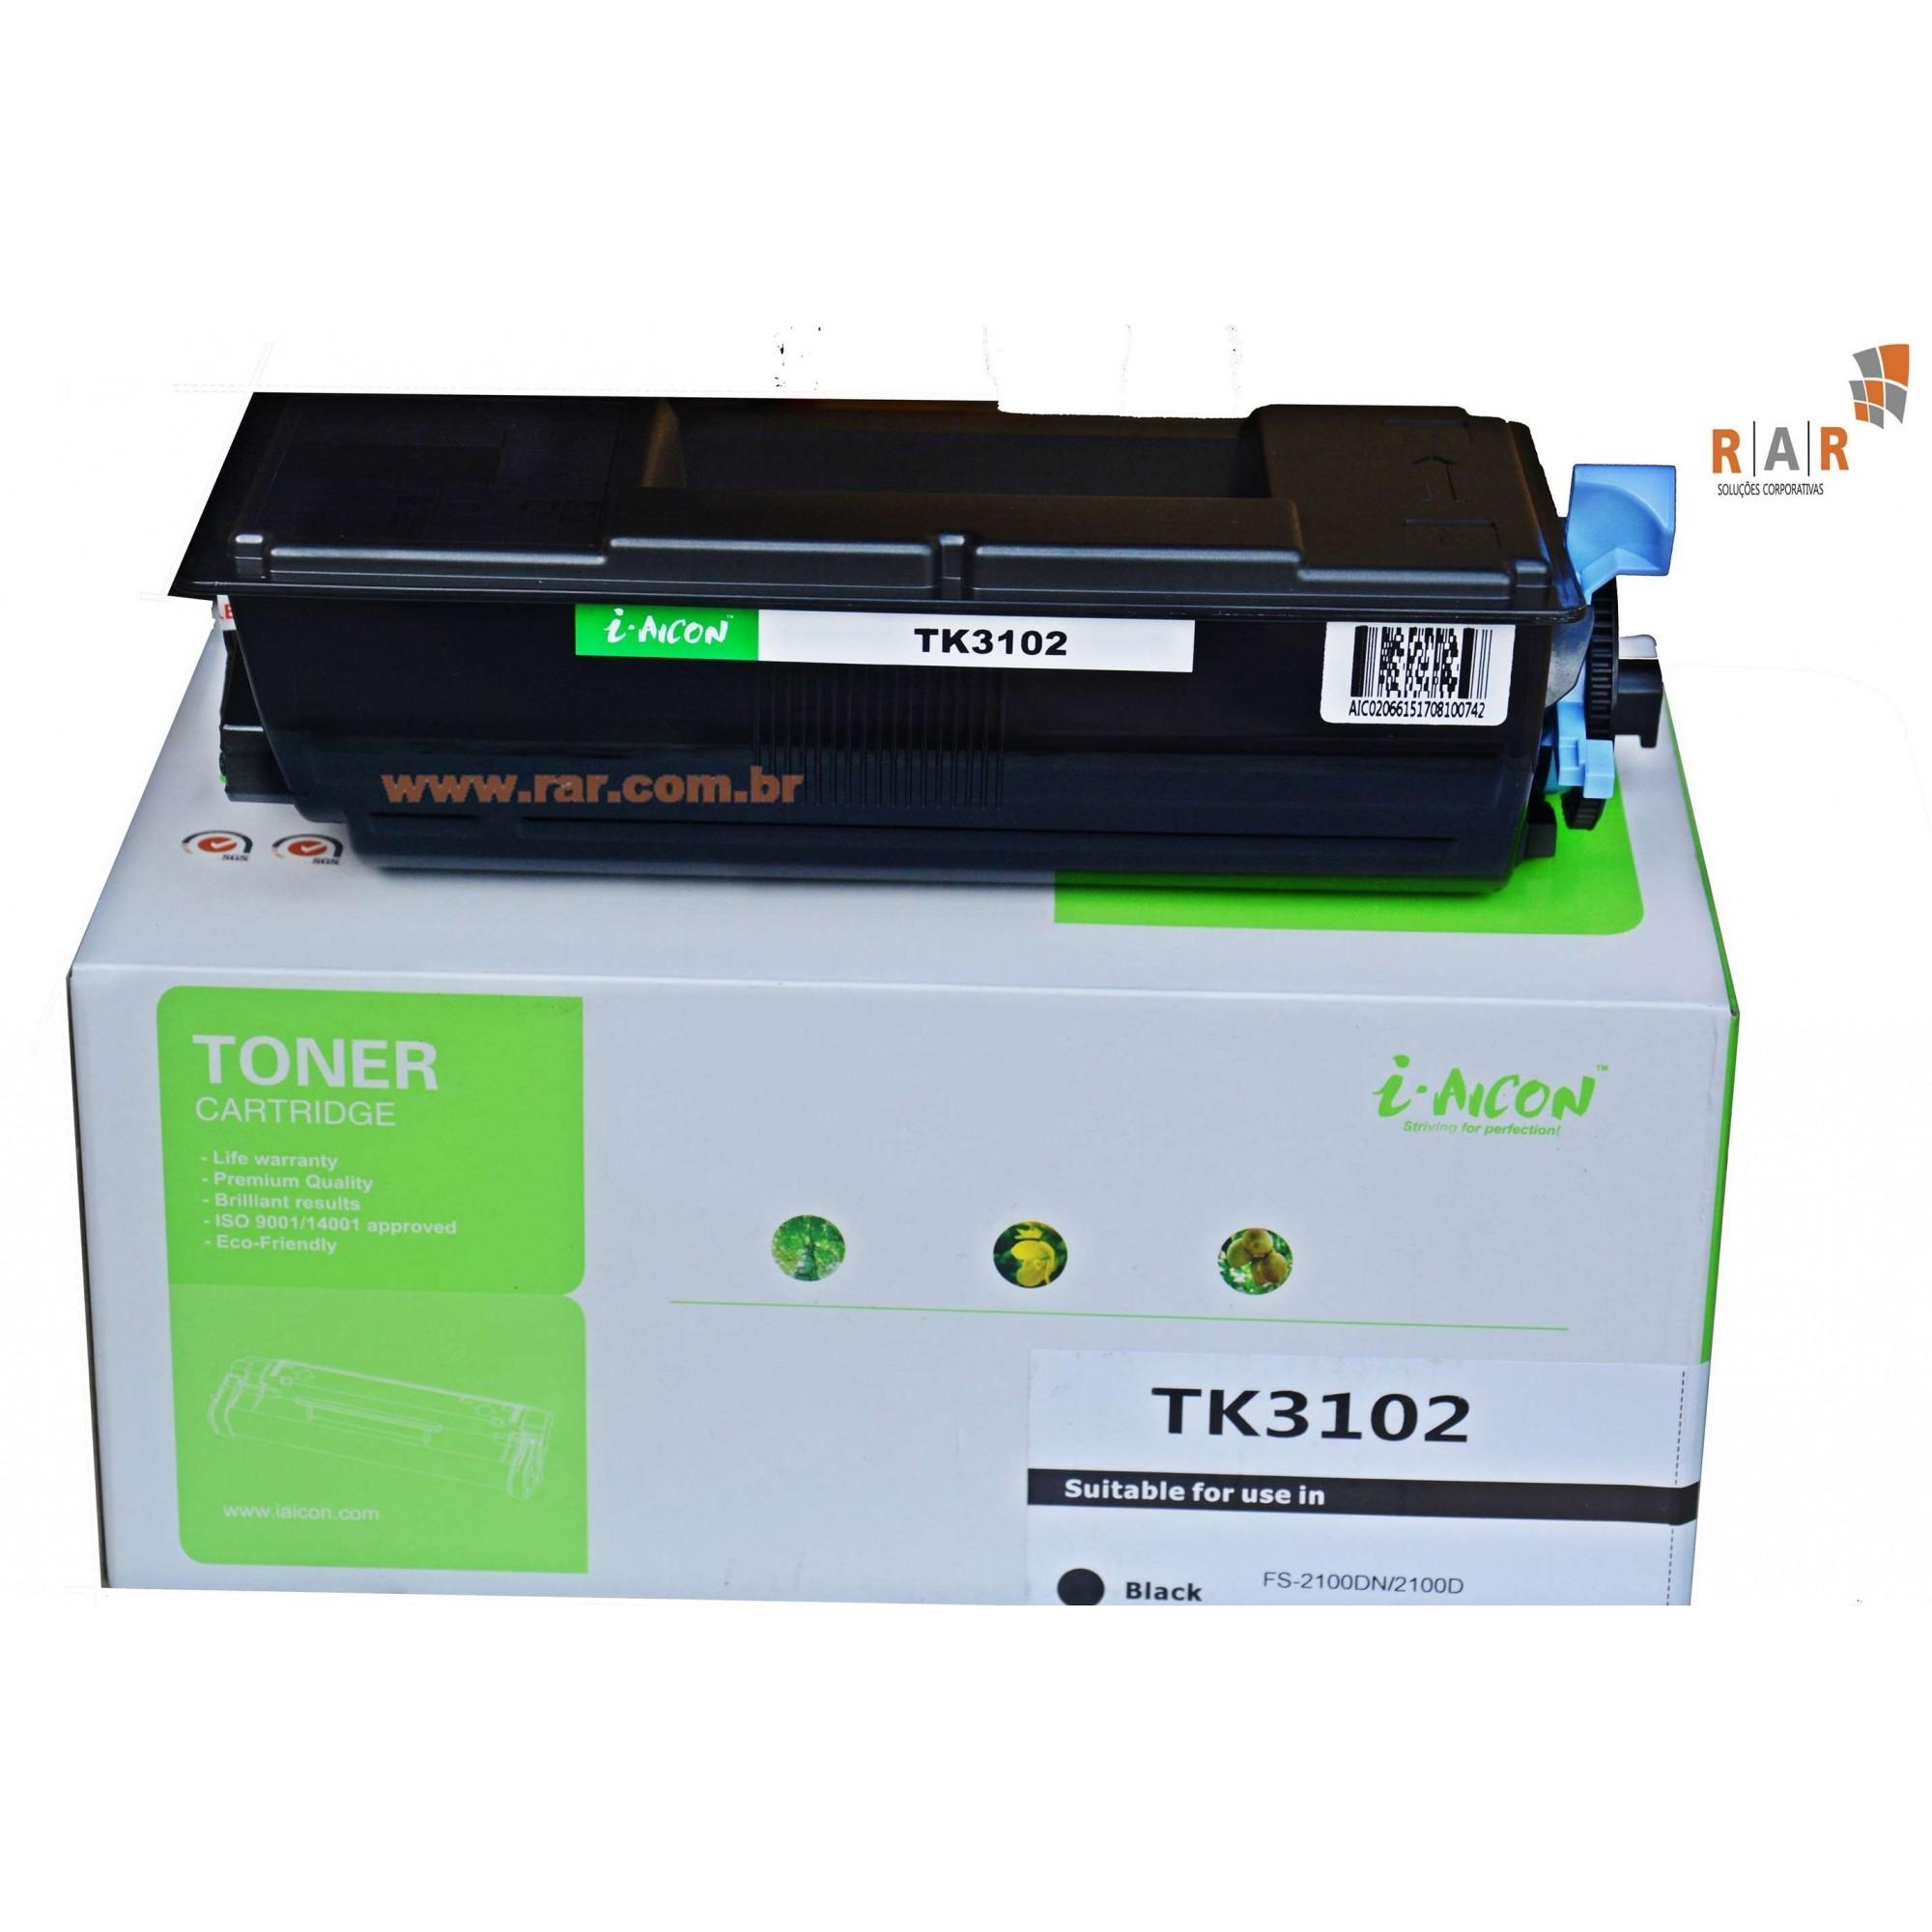 TK3102 / TK-3102 / 1T02MS0US0 - CARTUCHO DE TONER PRETO COMPATÍVEL NOVO PARA KYOCERA ECOSYS M-3040IDN E SERIES